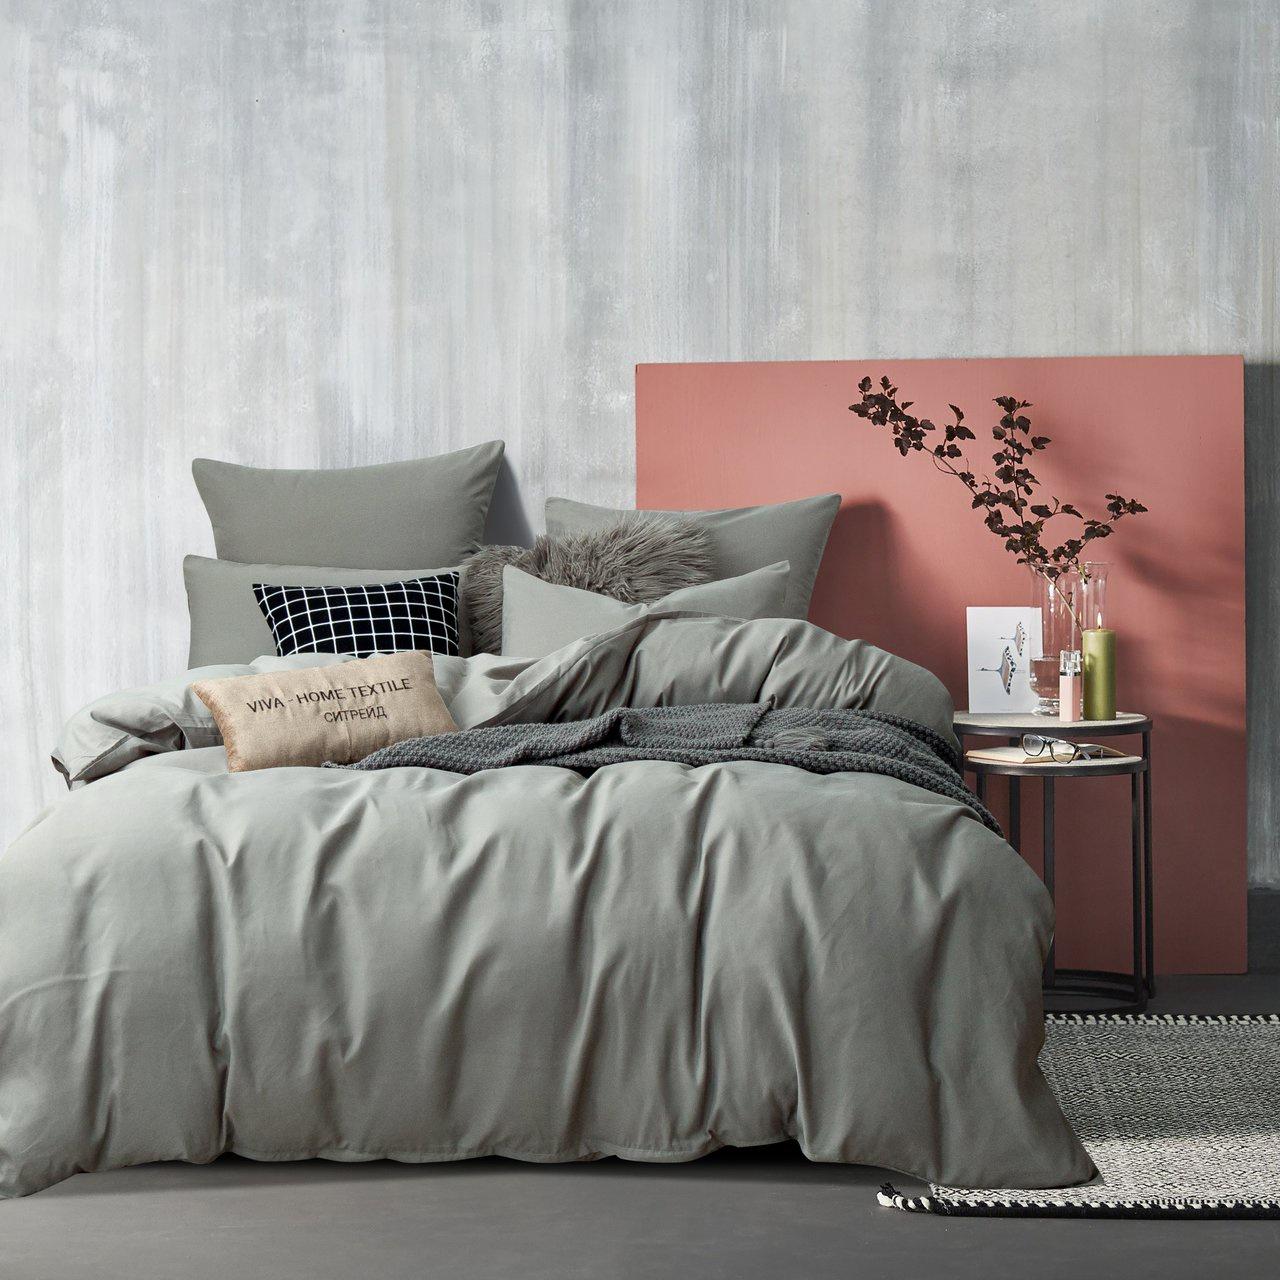 Комплект постельного белья Ситрейд CS023-1 50-70 1.5 спальный, наволочки 50-70 2 шт елка канадская 150 см 342 ветки 1 шт в упаковке 2